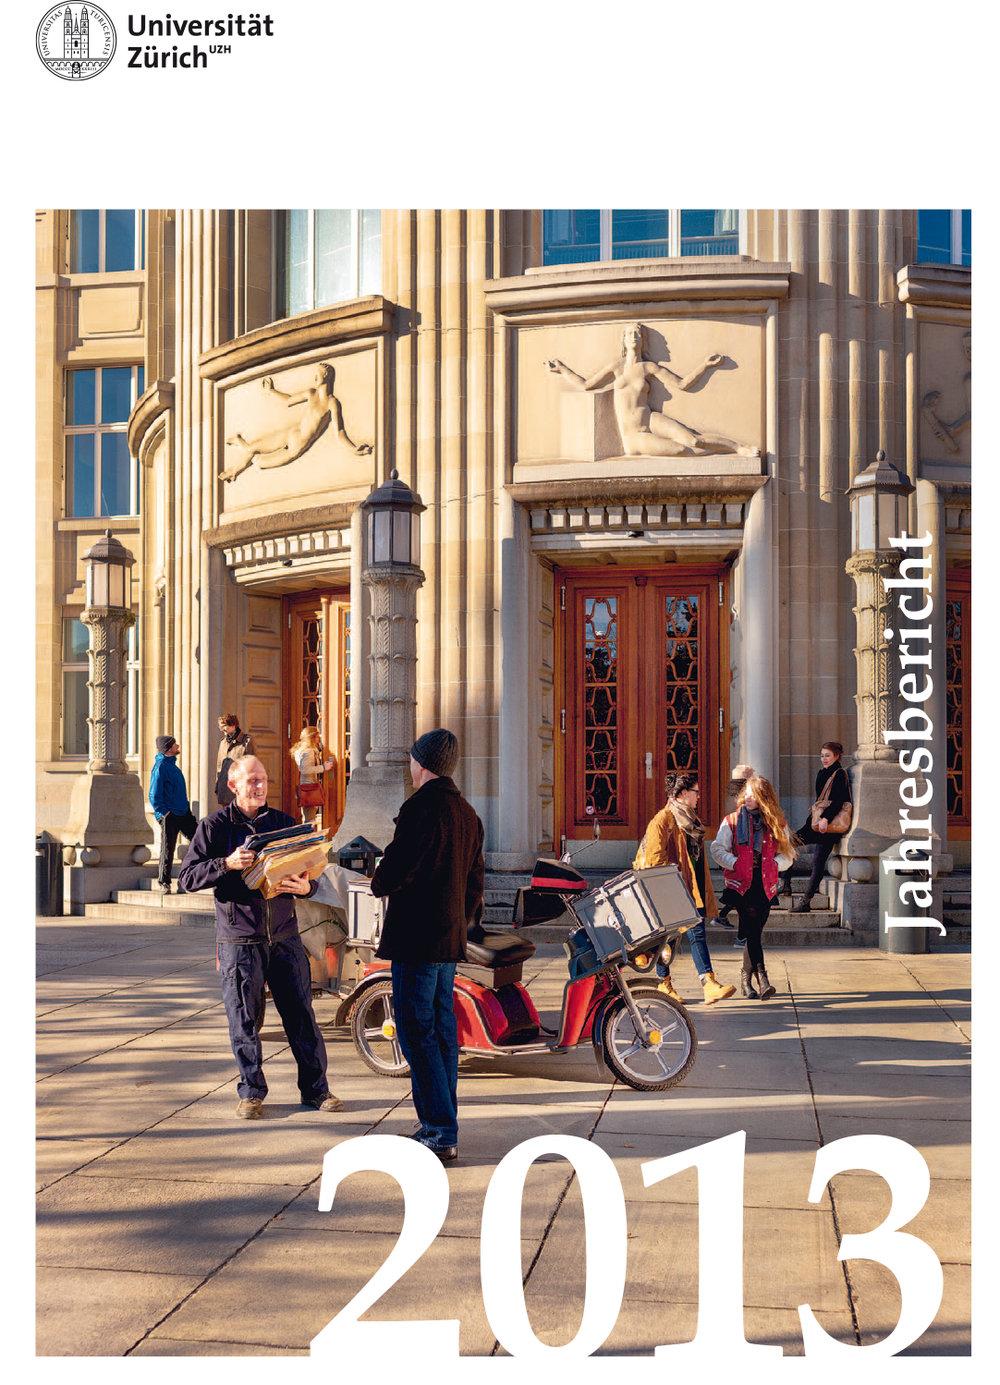 UZH_Jahresbericht_2013-1.jpg